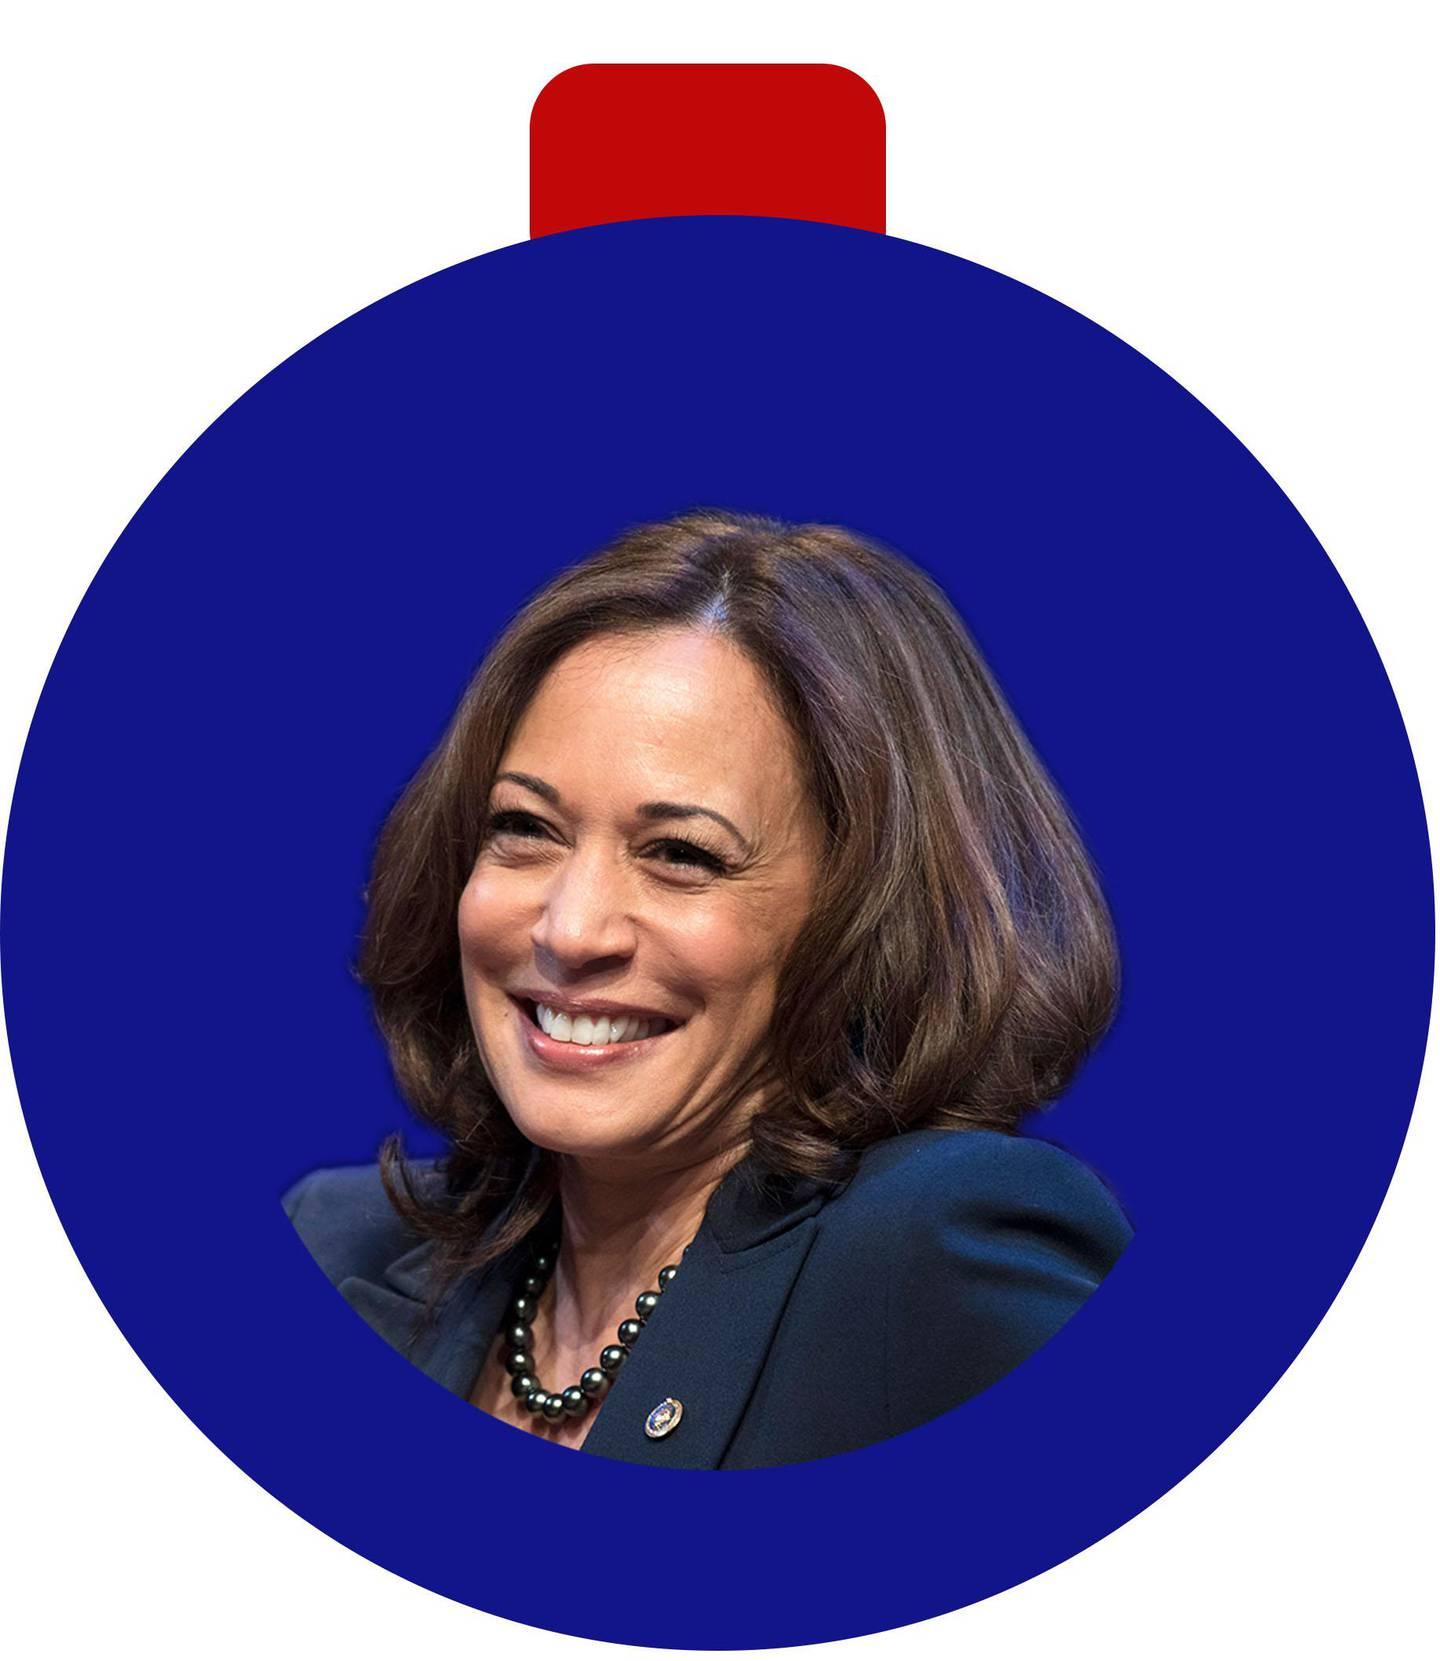 Bilder er an blå julekule. Det er et bilde av en mørkhåret kvinne inni den. Hun er ny vise-president i USA.